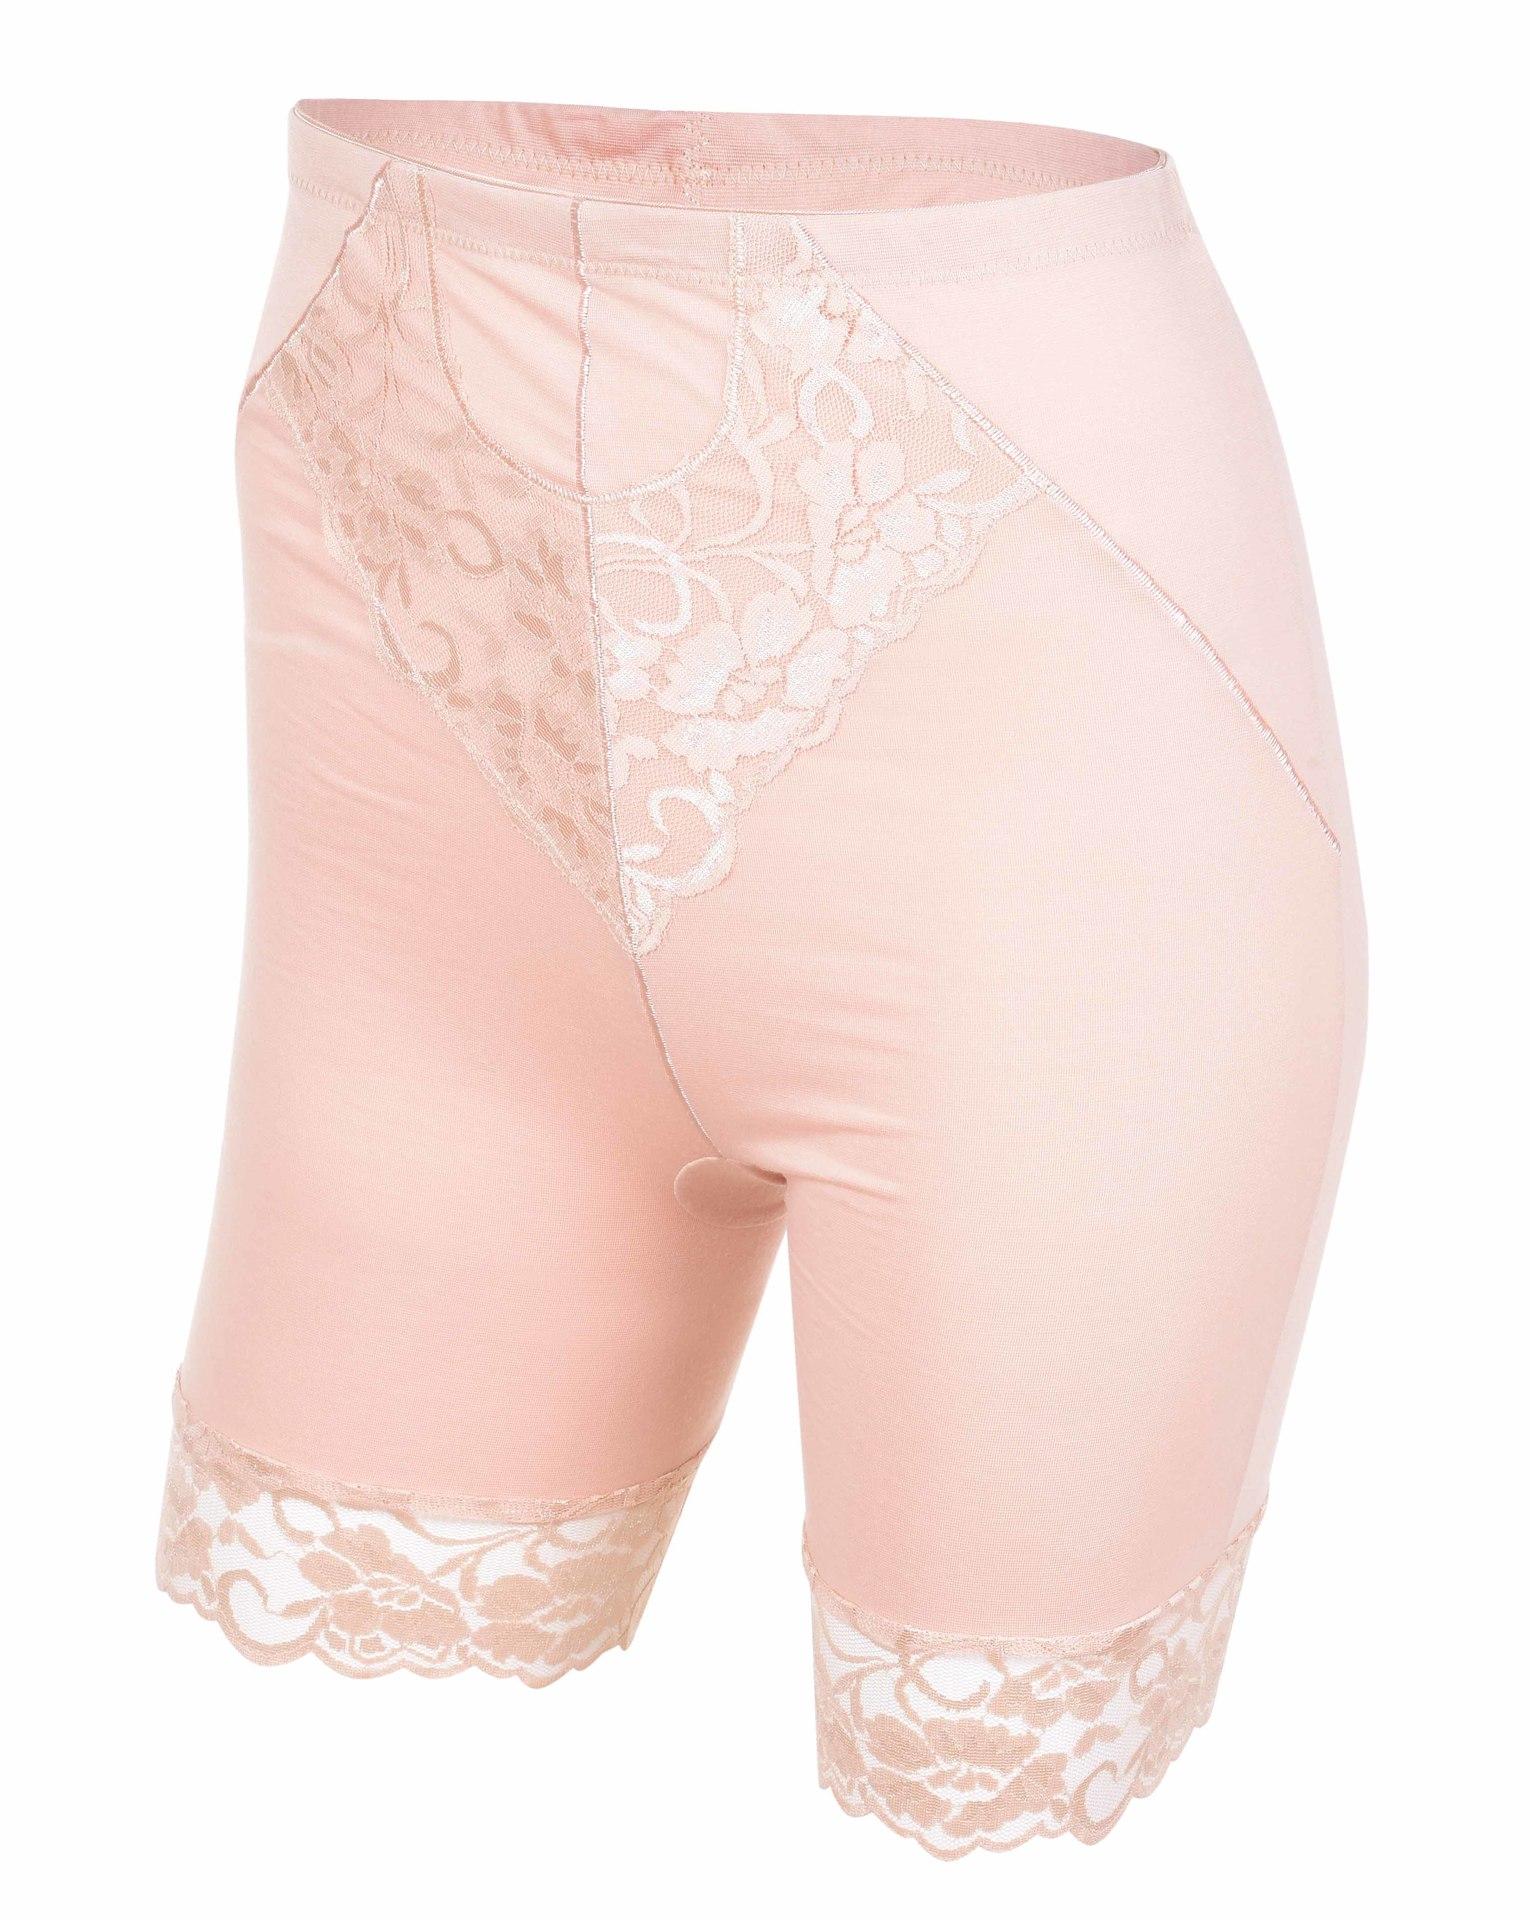 3+1 ZDARMA BRIDGET LONG, kalhotky s nohavičkami